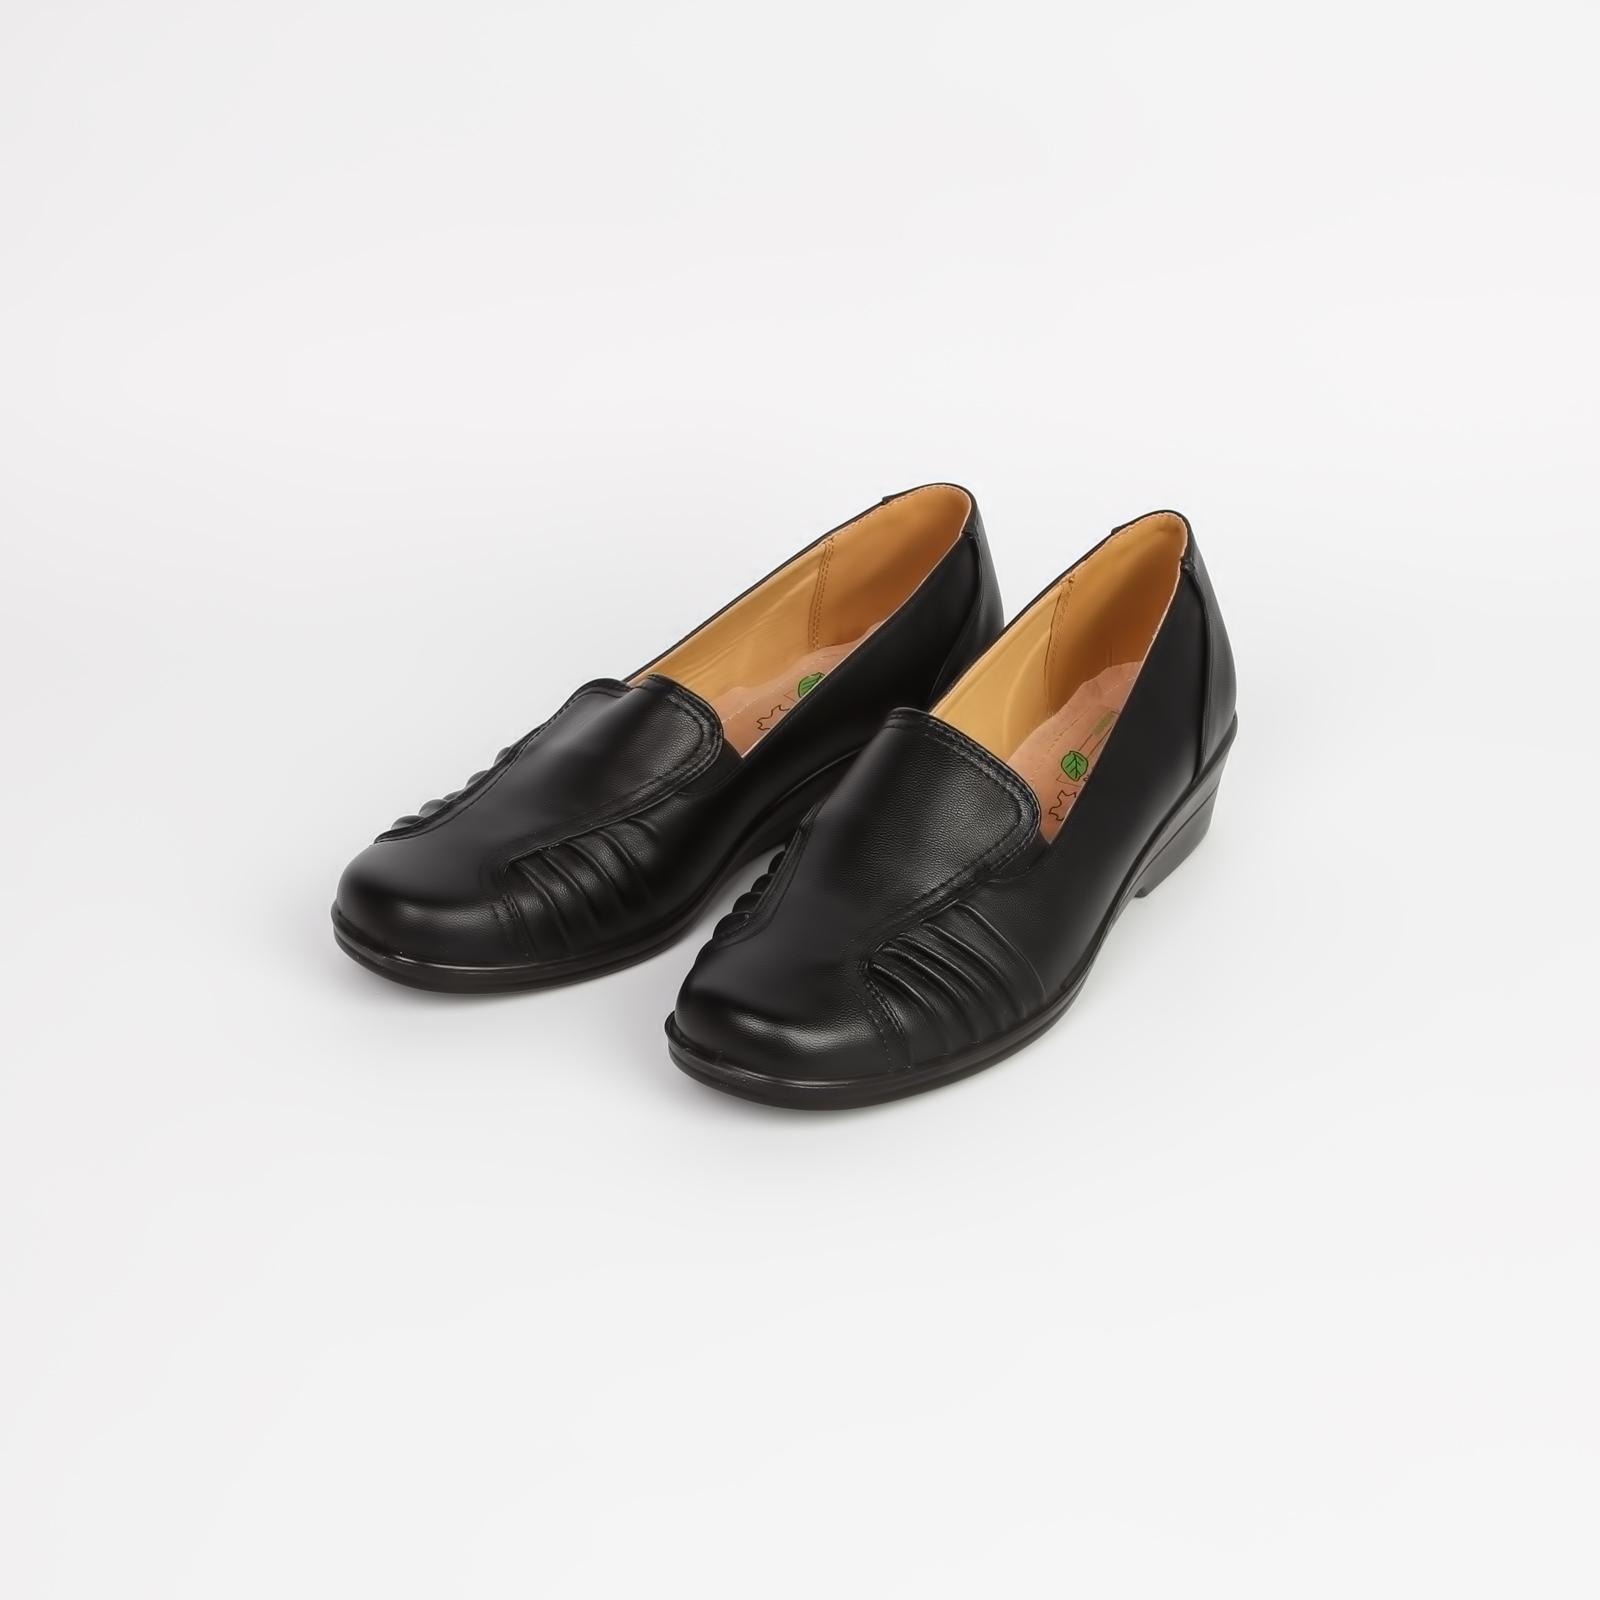 Туфли женские с эластичной вставкой